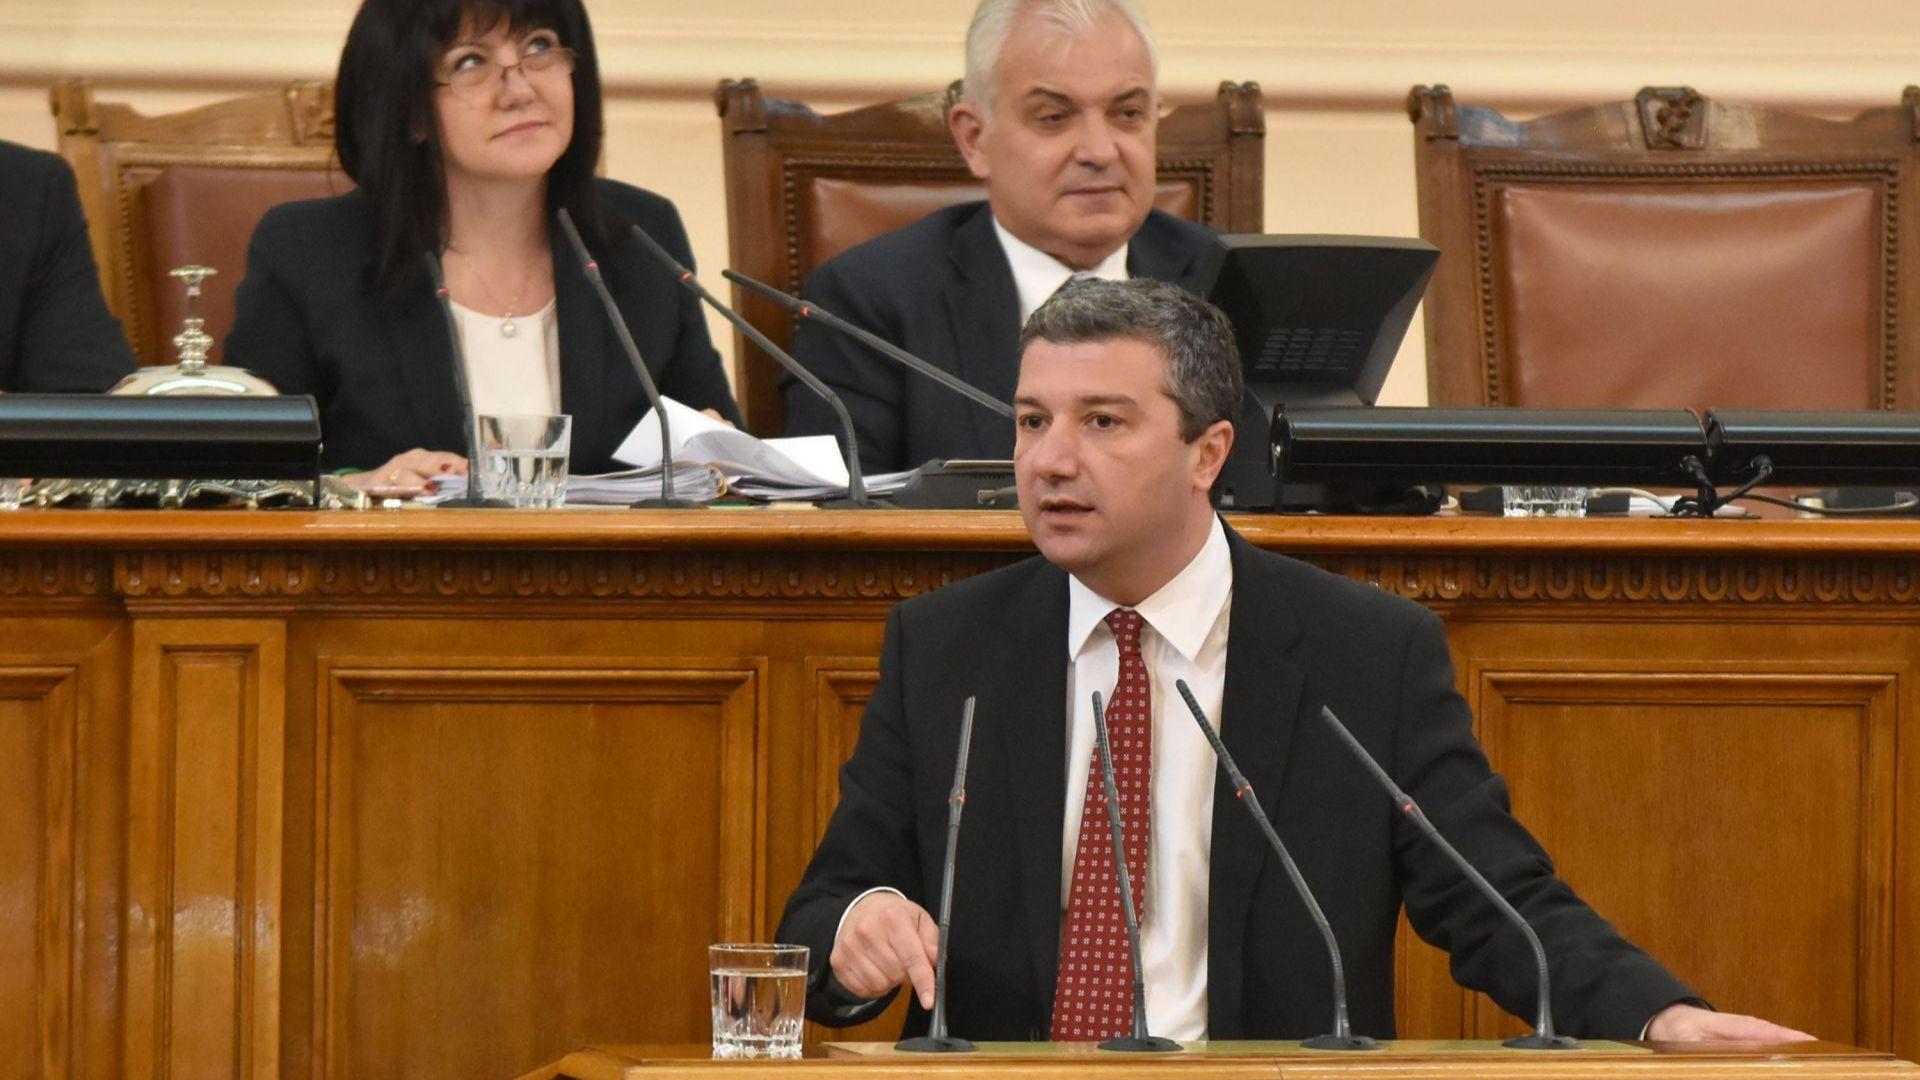 БСП поиска 50 млн. лв. в бюджета за машинно гласуване, ГЕРБ не ги даде